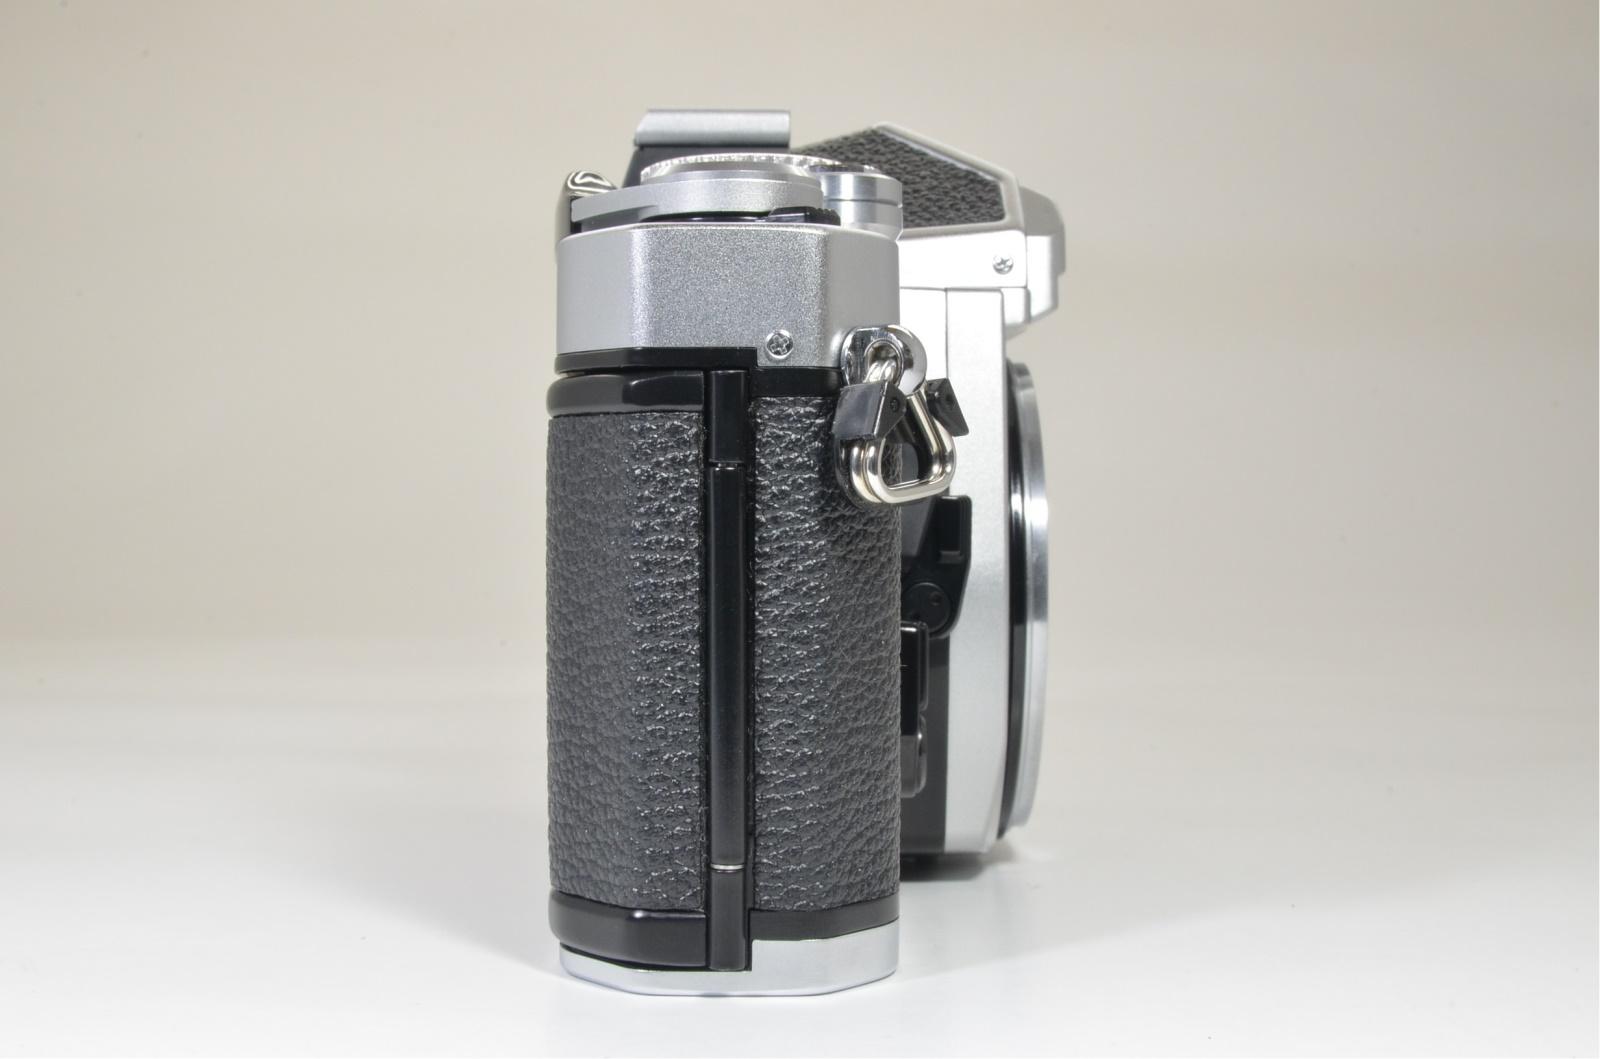 nikon fm3a silver 35mm film camera body film tested